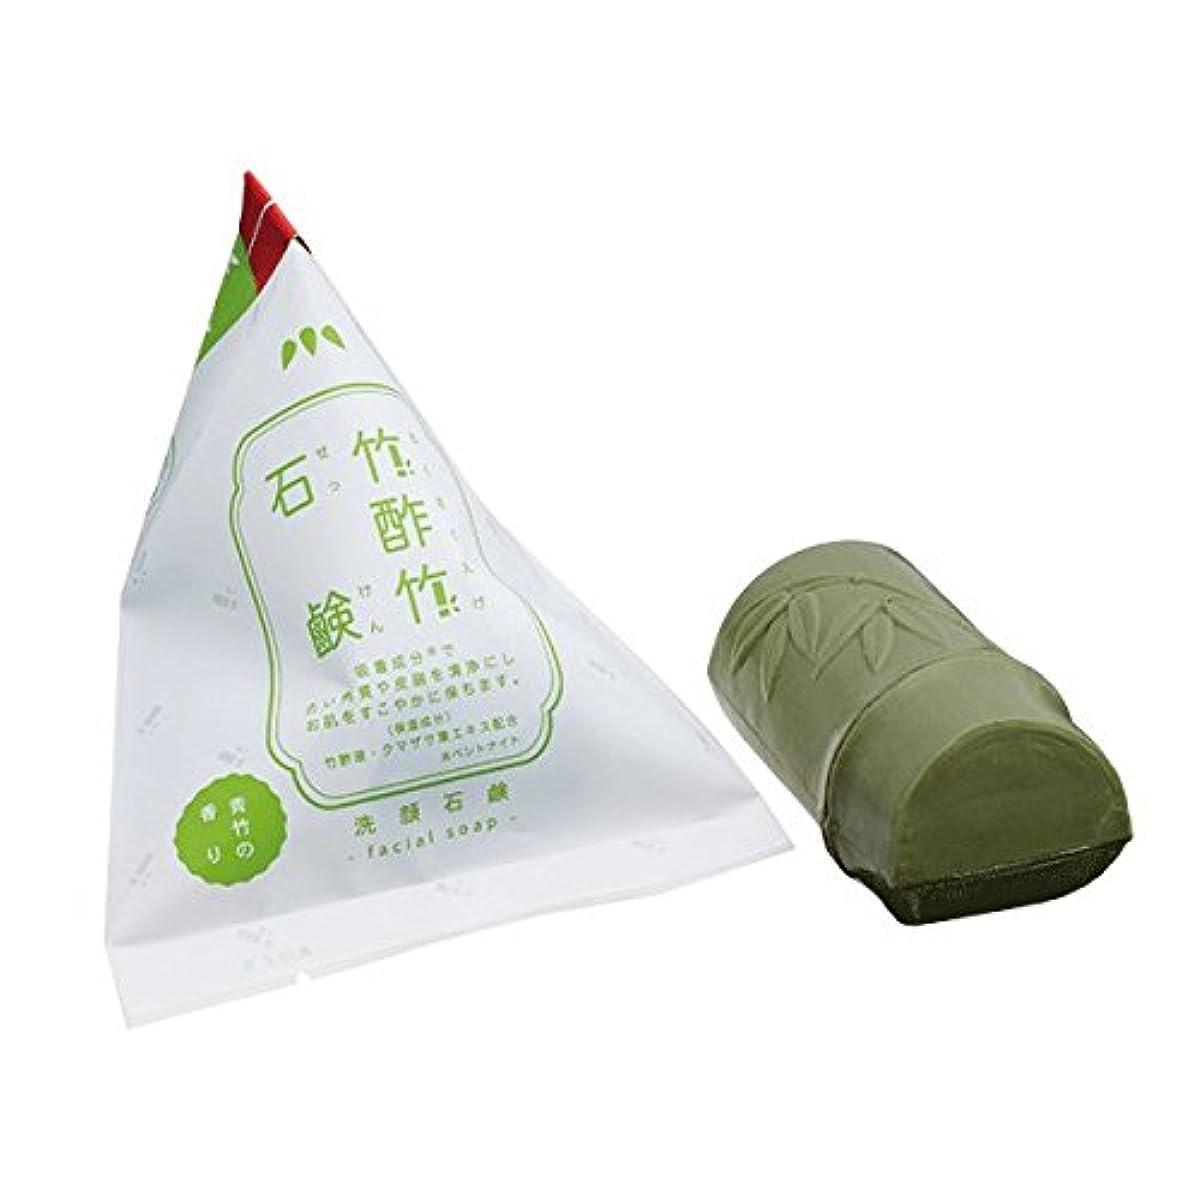 異形意見リンクフェニックス 竹酢竹泥棒石鹸120g(5個セット)